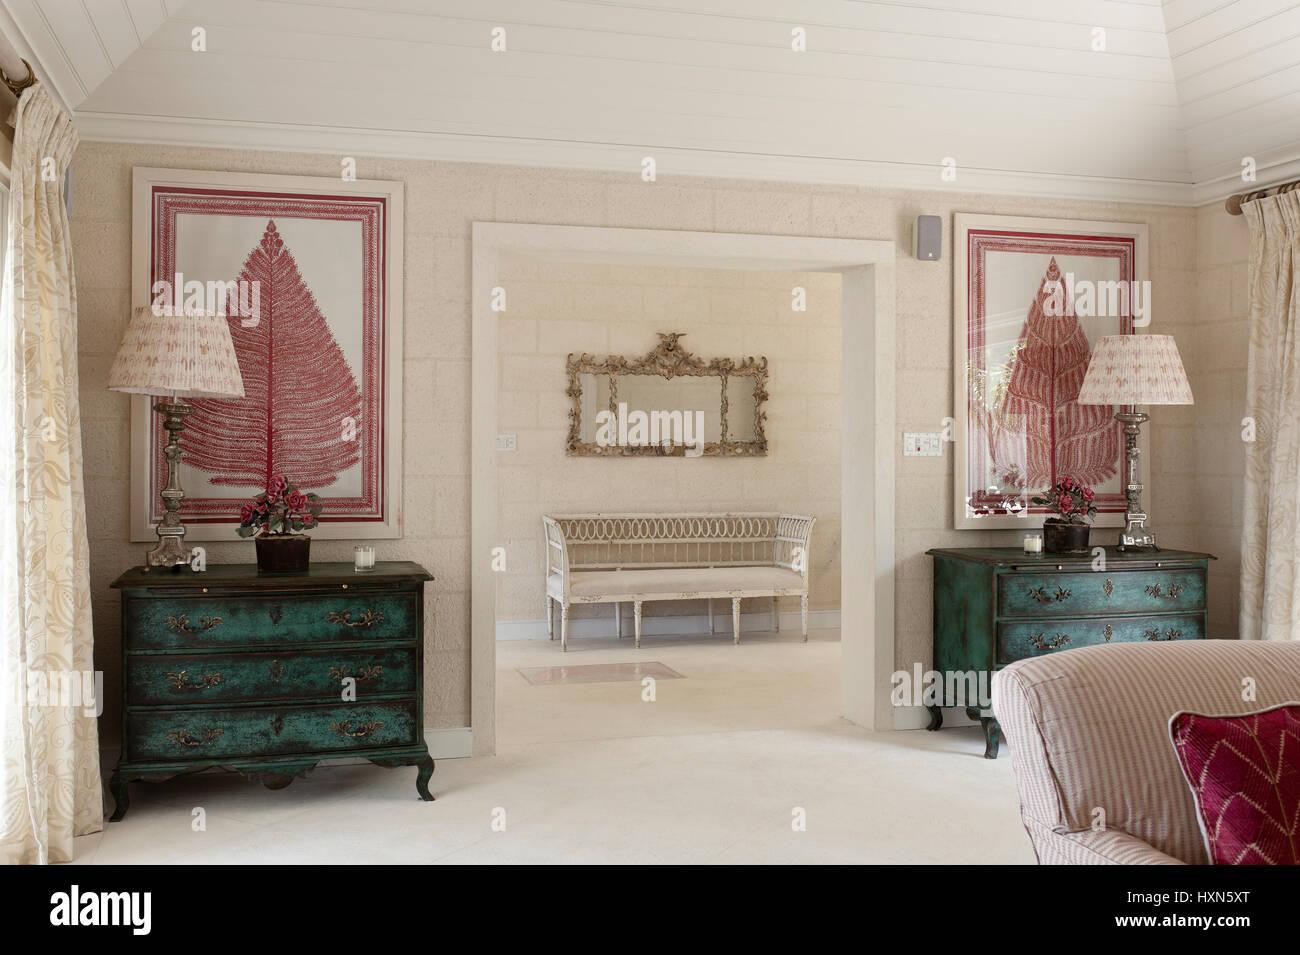 Rot Und Weiss Wohnzimmer Mit Lampen Stockfoto Bild 136919296 Alamy